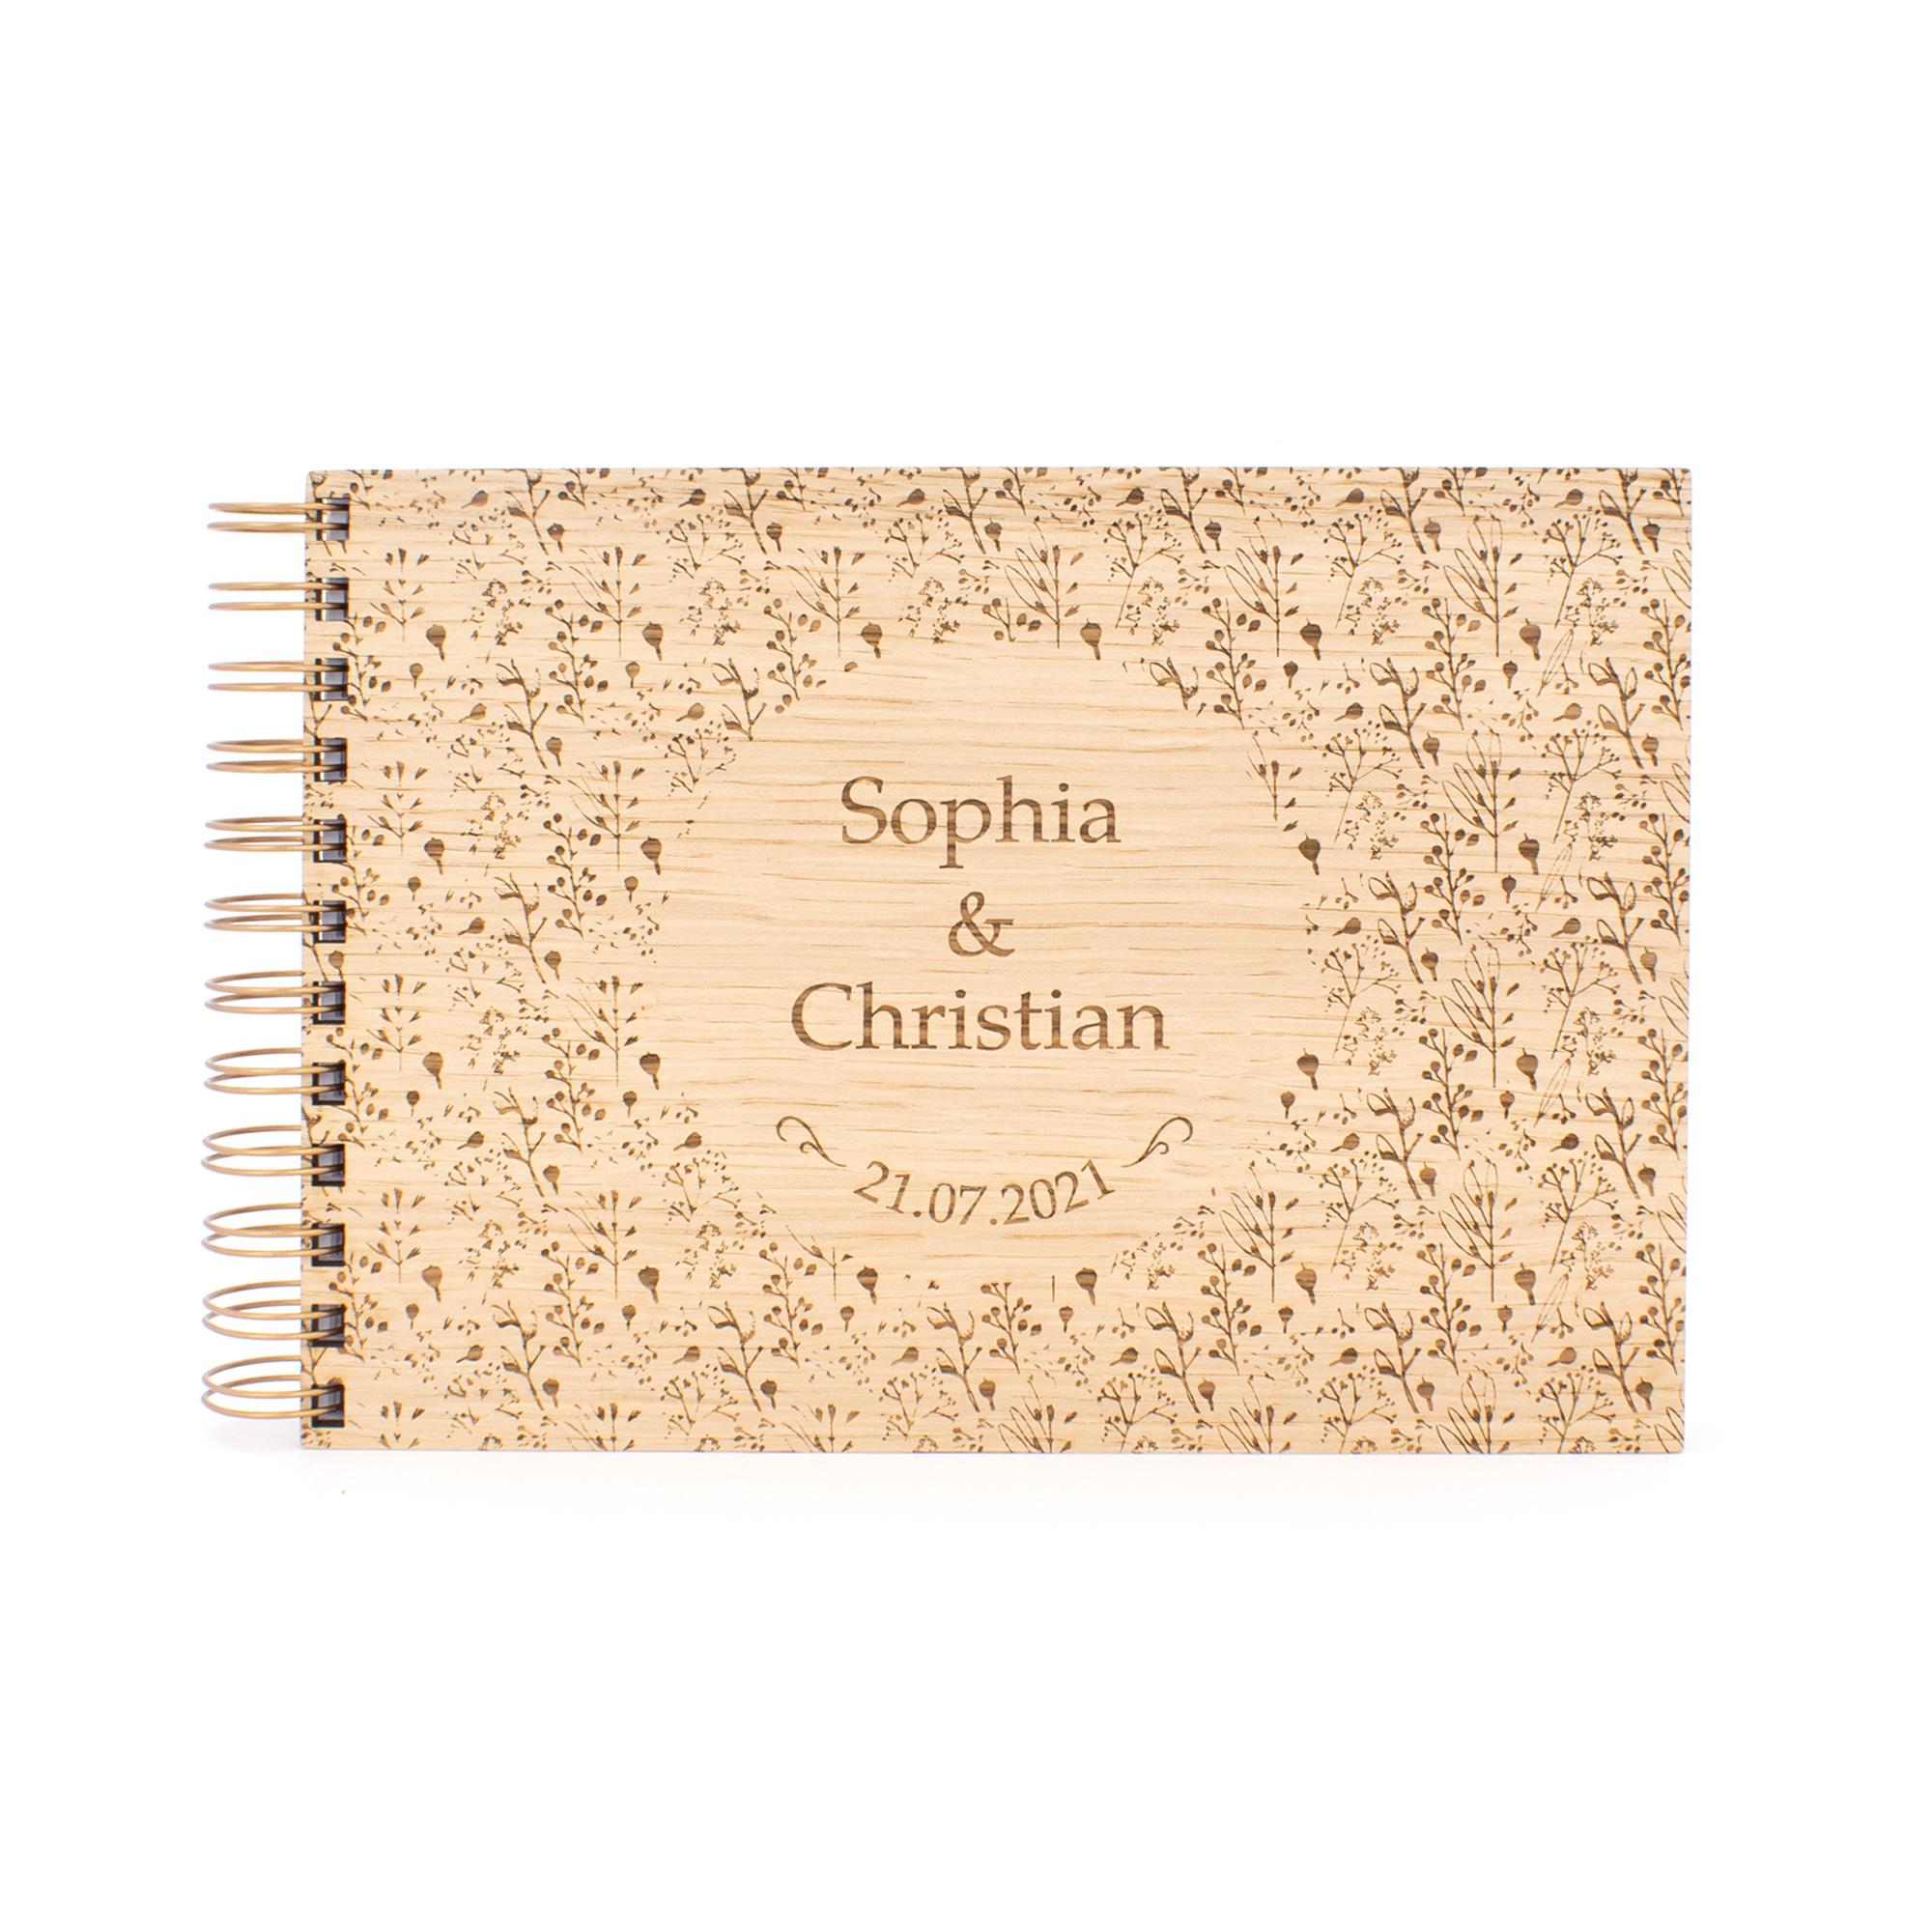 Gästebuch Alternative aus Holz zur Hochzeit in elegantem Wildflower-Design, personalisiert